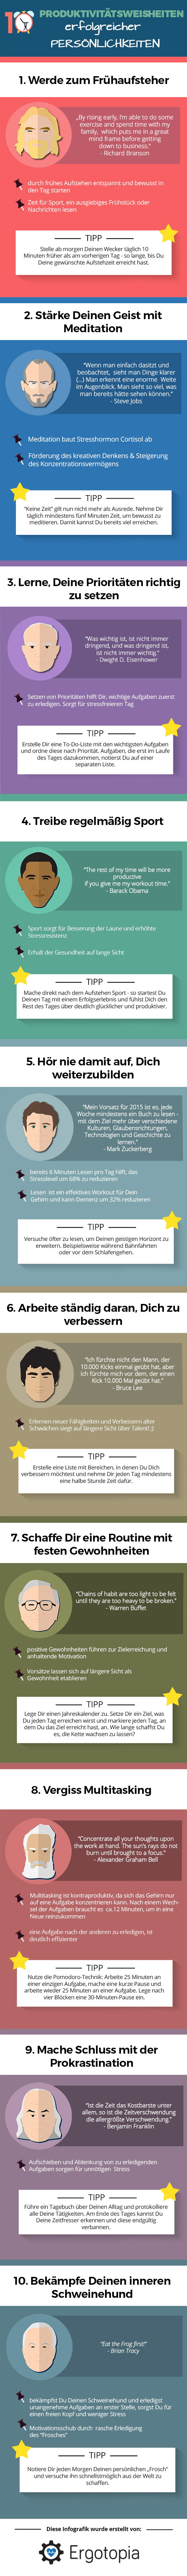 Infografik: Produktivitaetsweisheiten